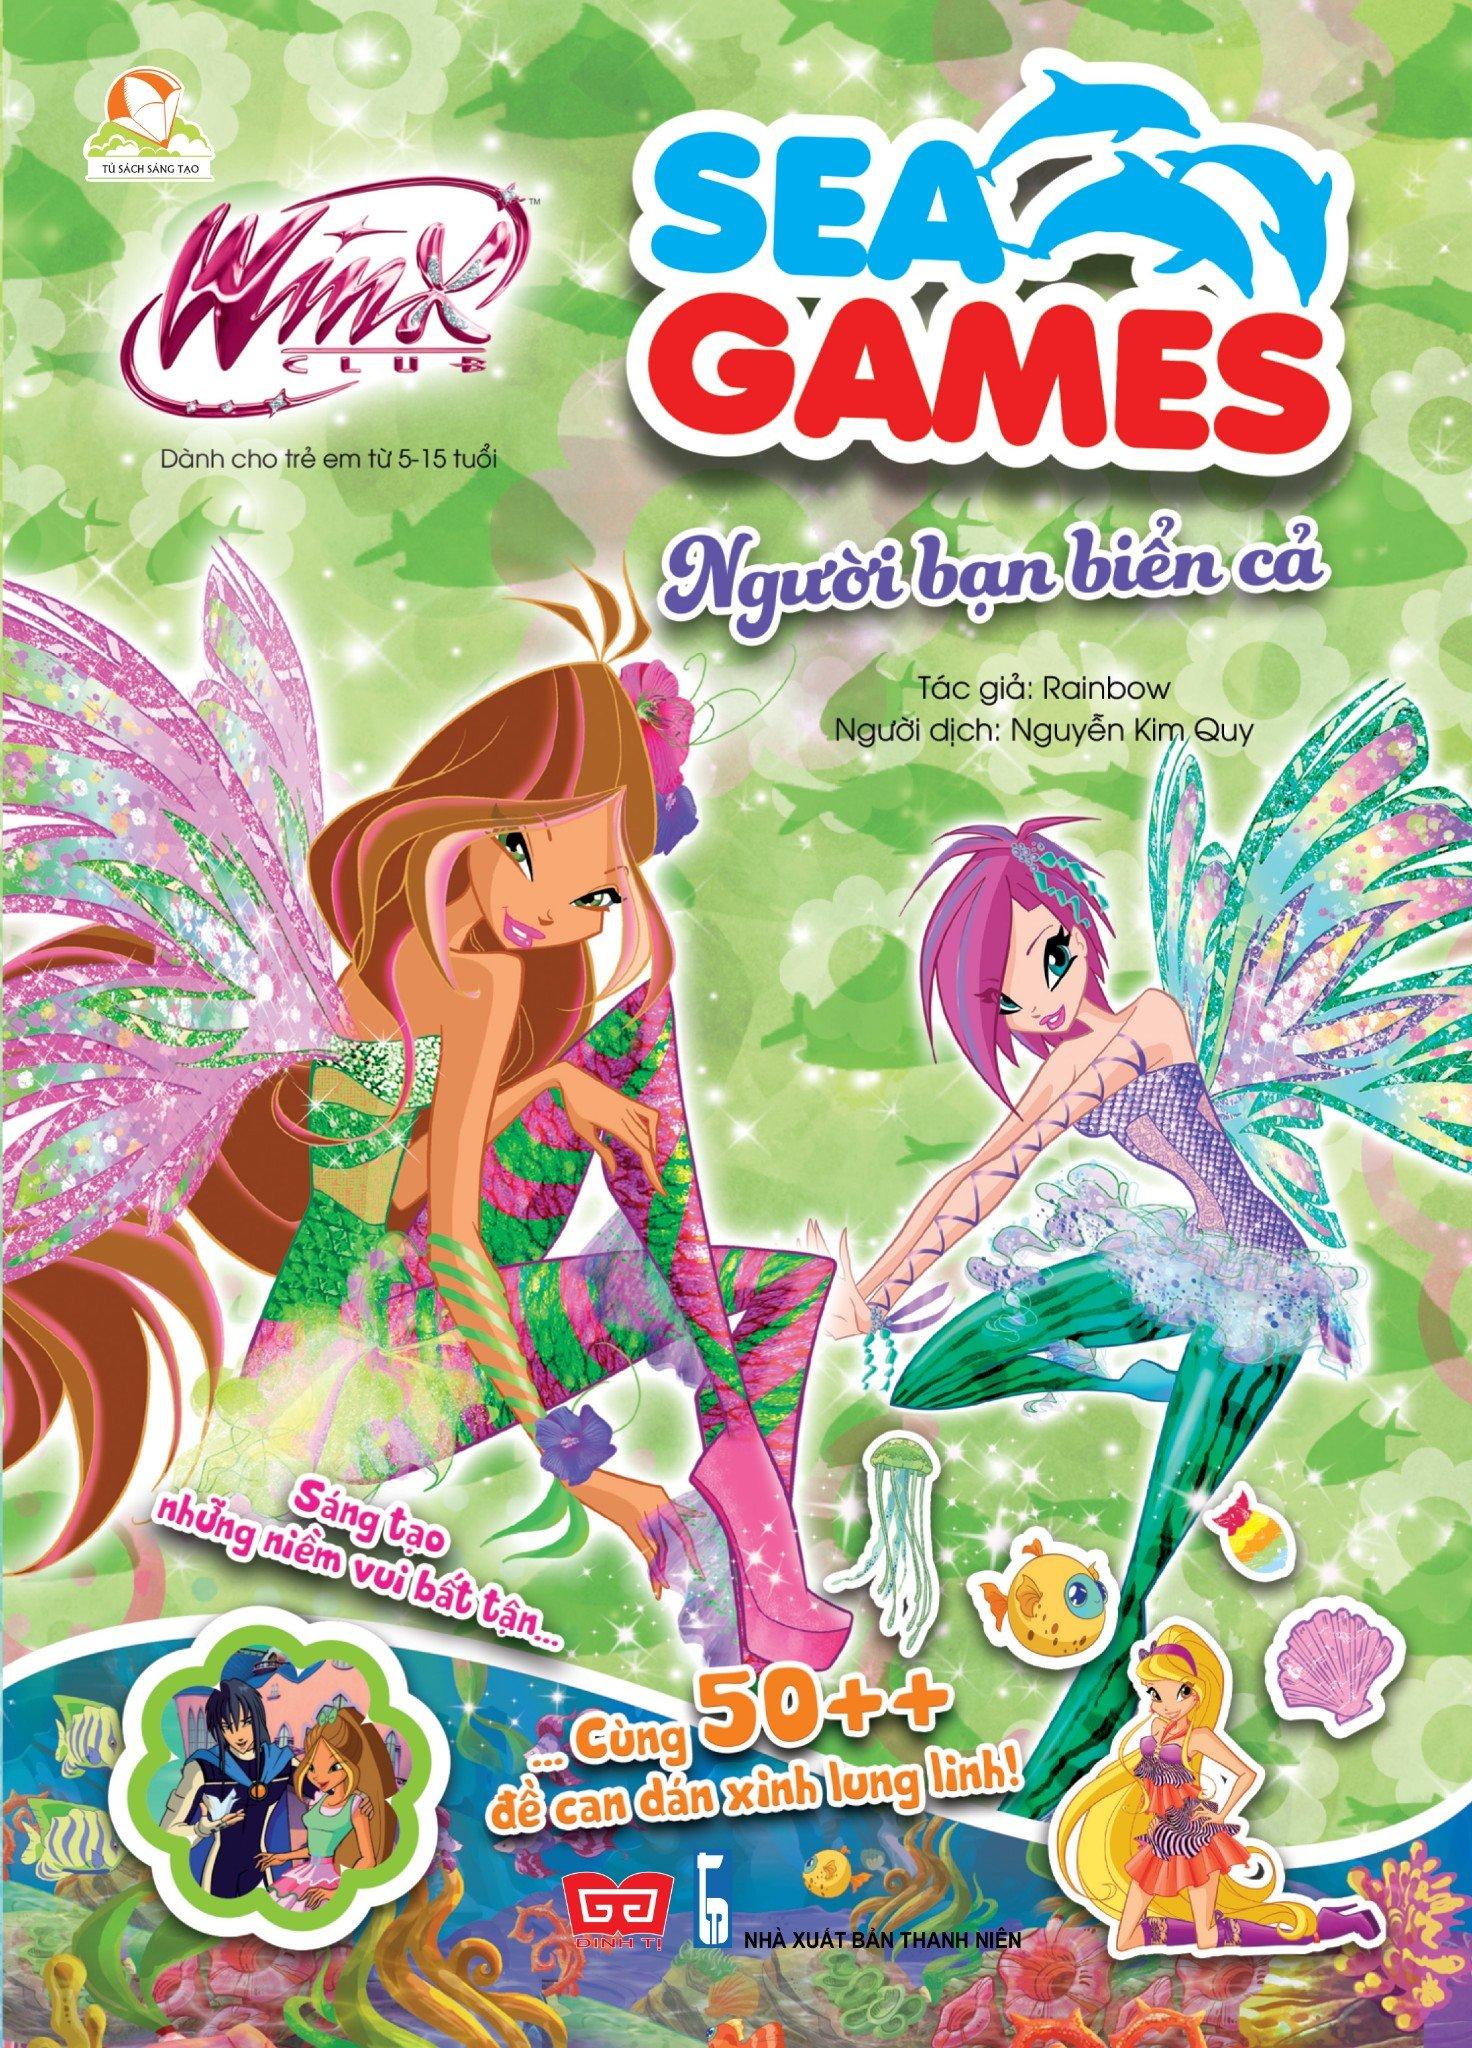 Winx club – Sea Games - Người bạn biển cả